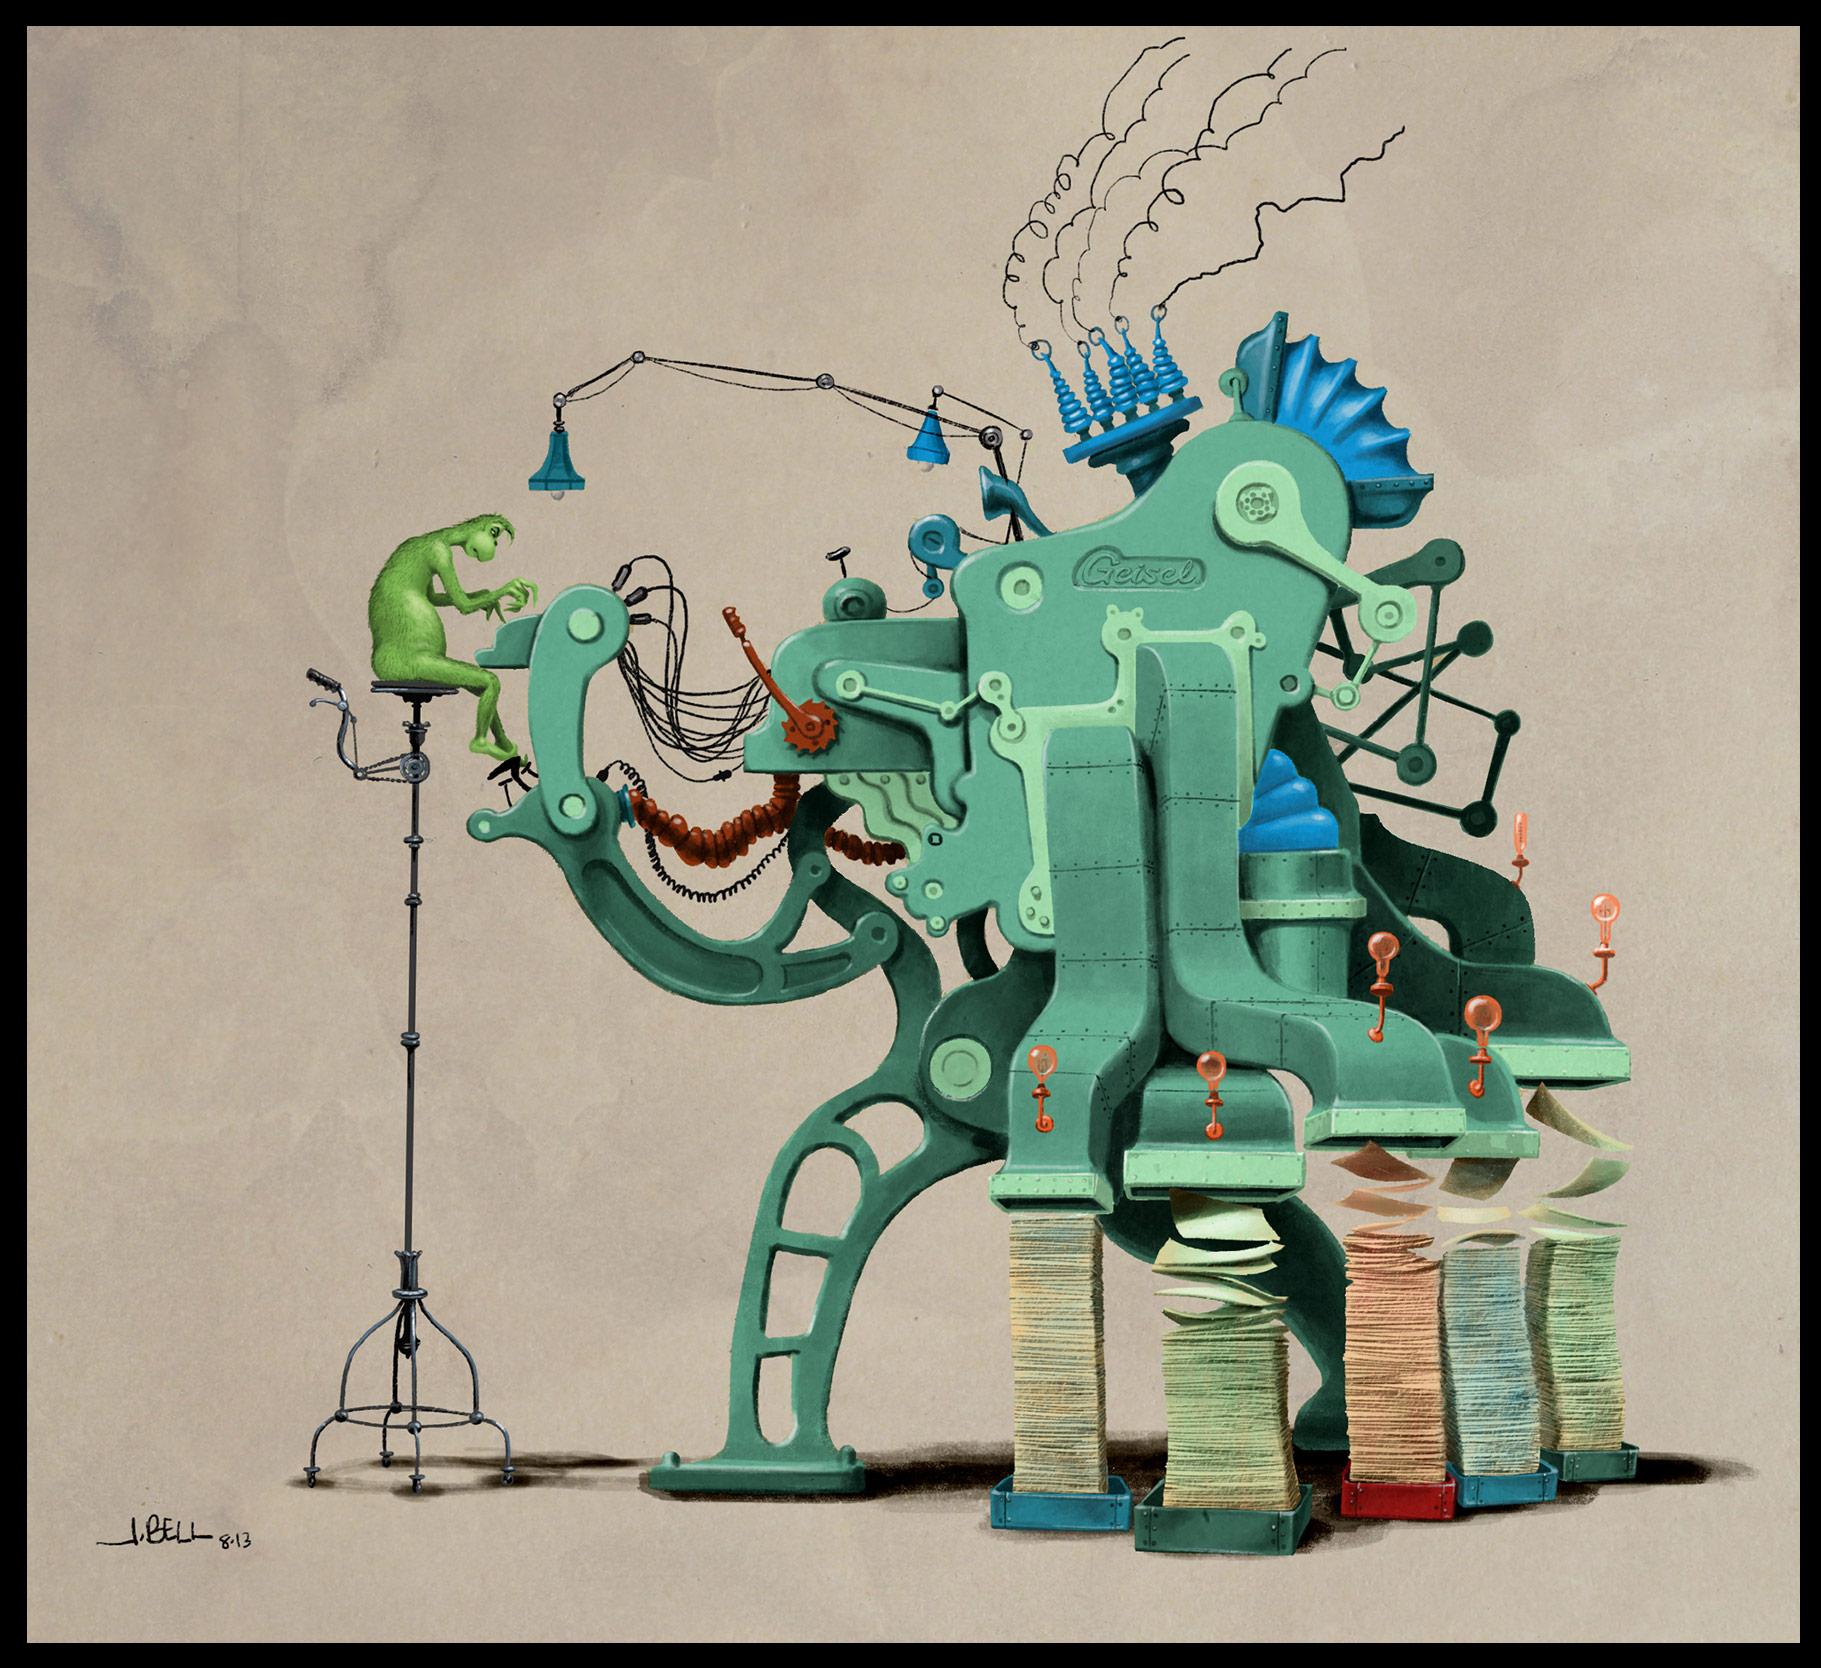 John Bell artwork.